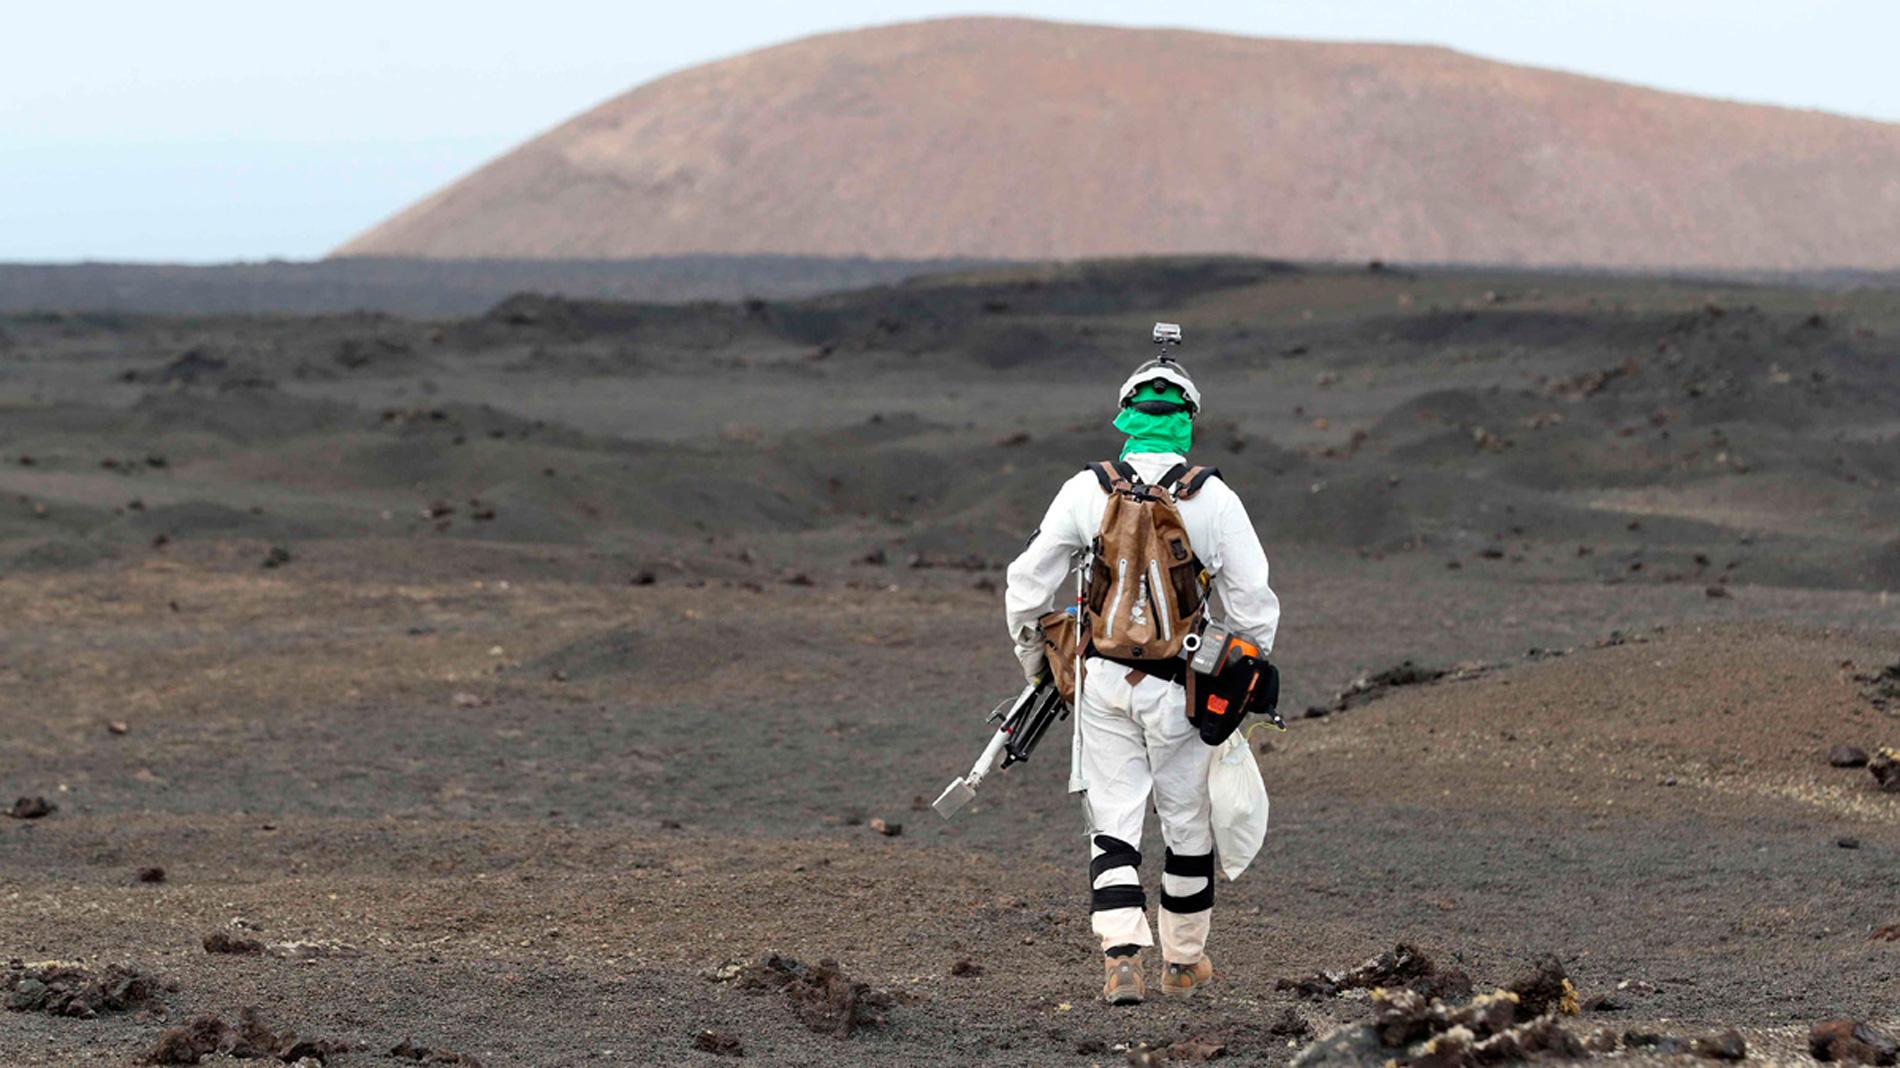 La AEE prueba en Lanzarote las herramientas que usará en Marte